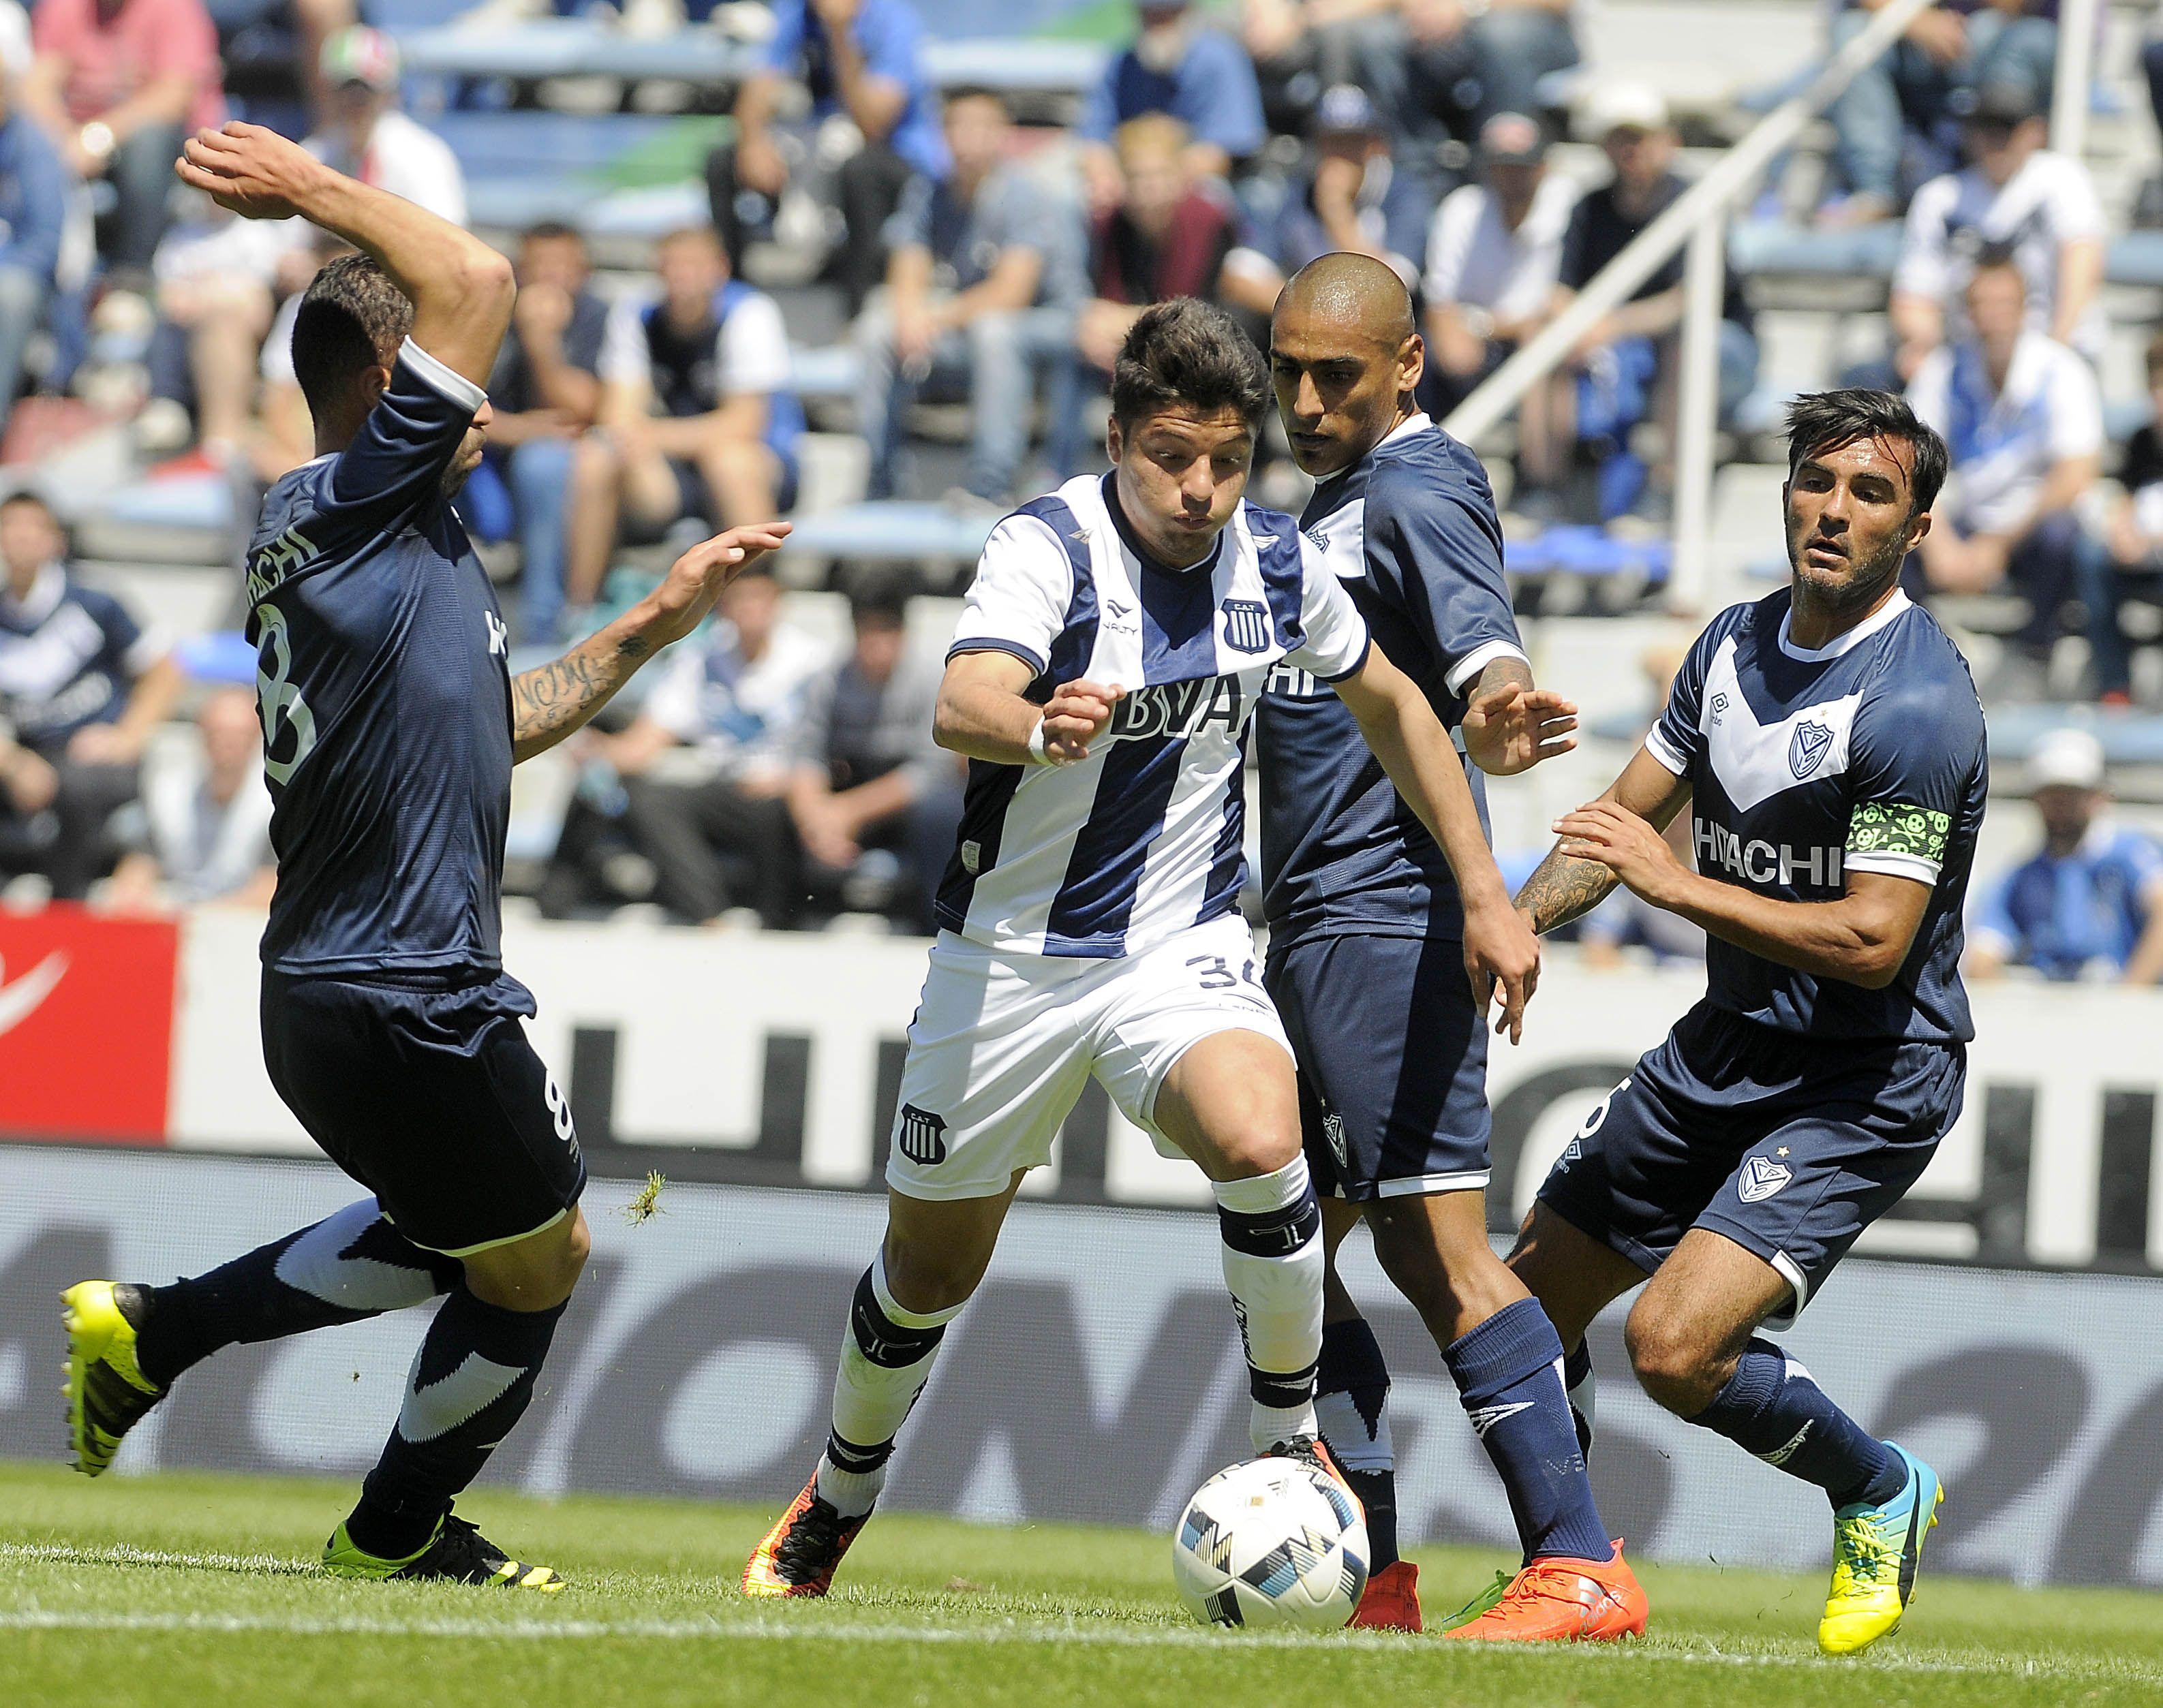 La defensa de Vélez mostró serias falencias y el capitán no quedó exento